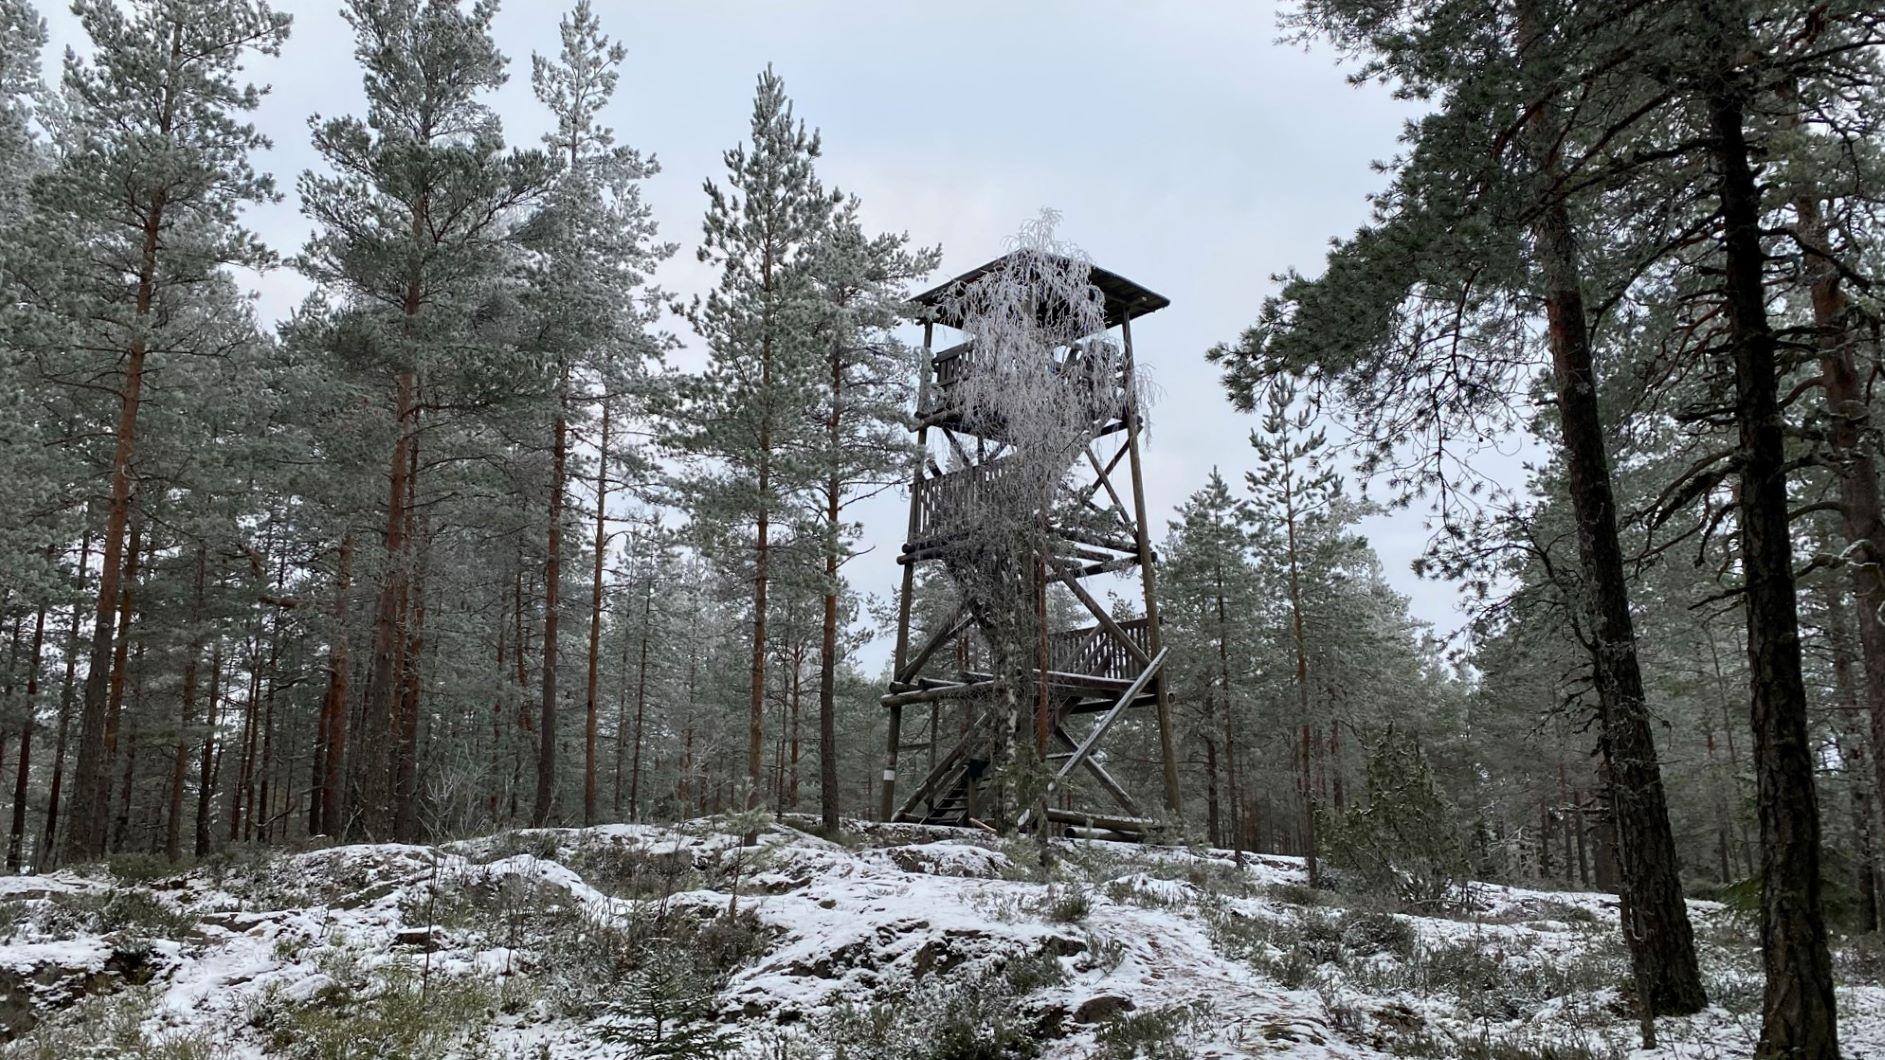 Korkeusvuori observation tower